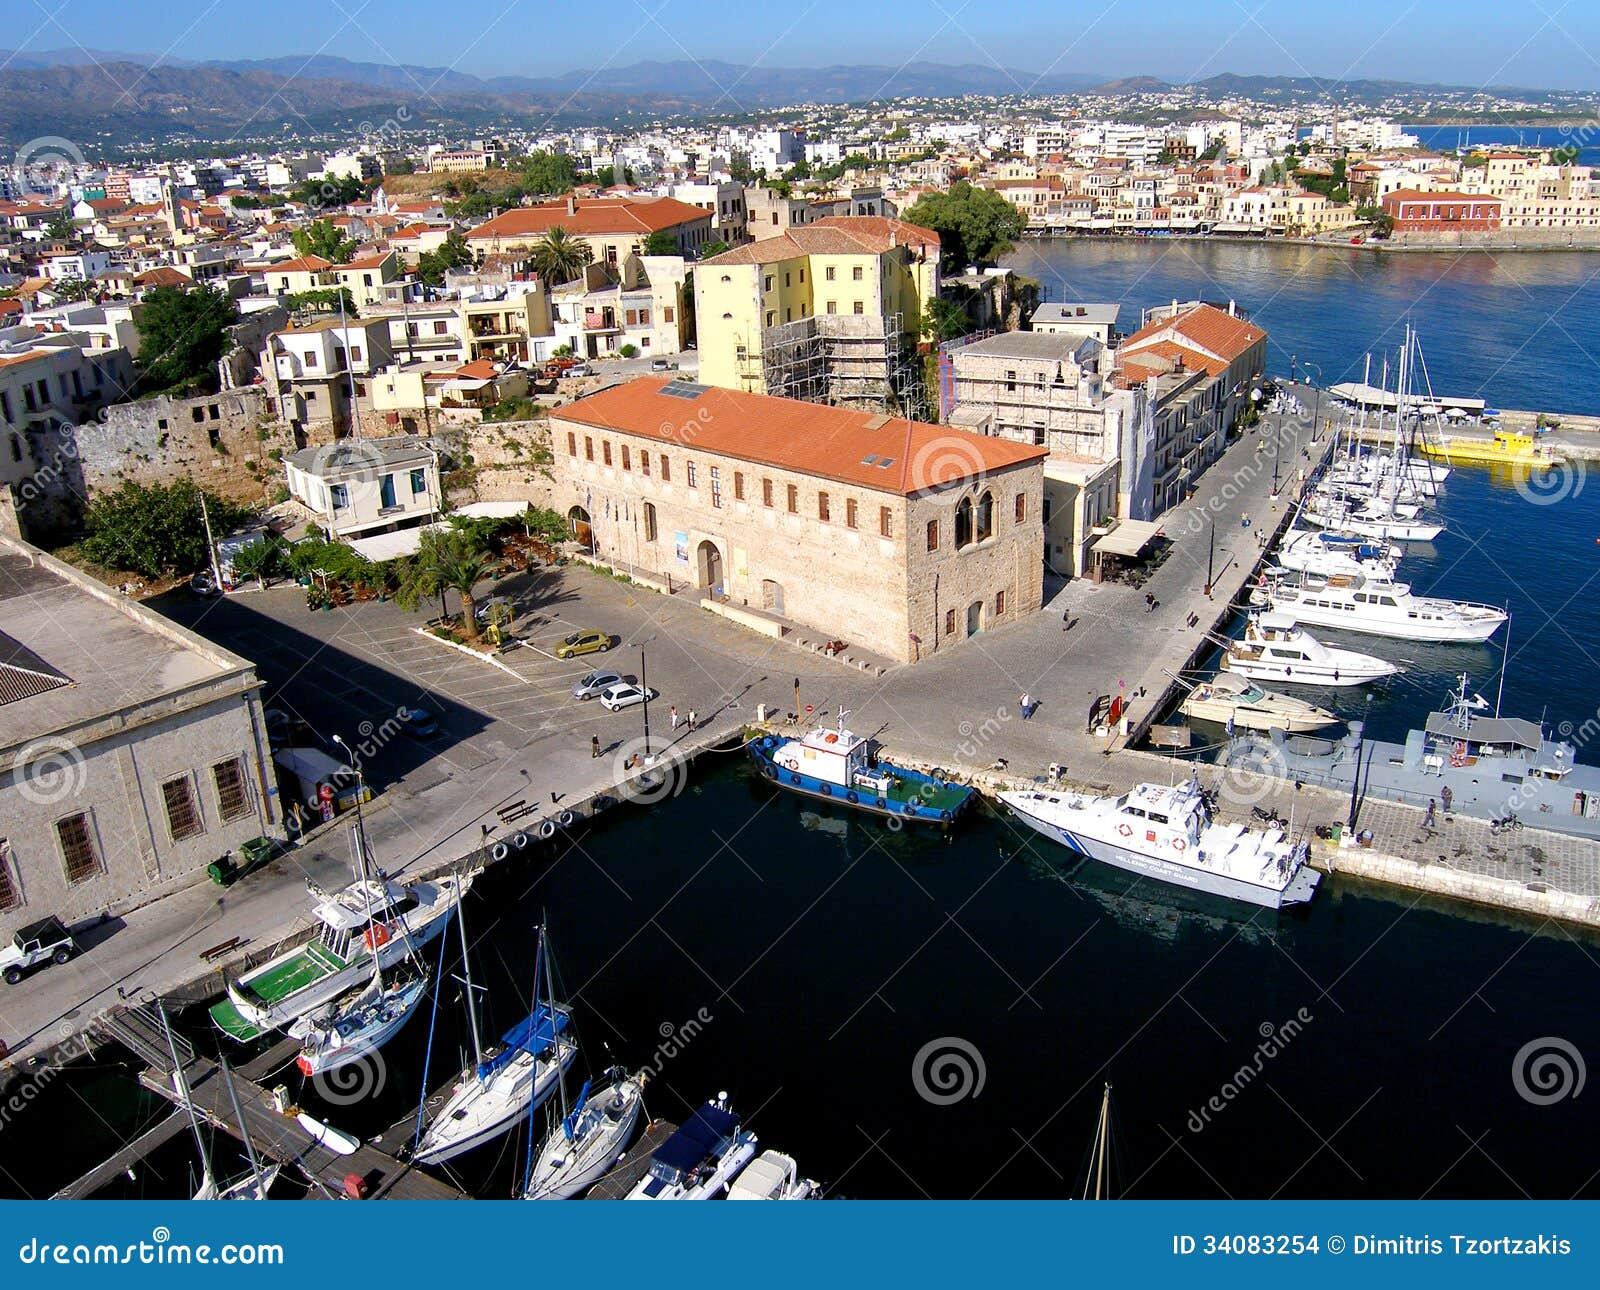 Φωτογραφία αέρα, πόλη Chania, παλαιά κωμόπολη, Κρήτη, Ελλάδα